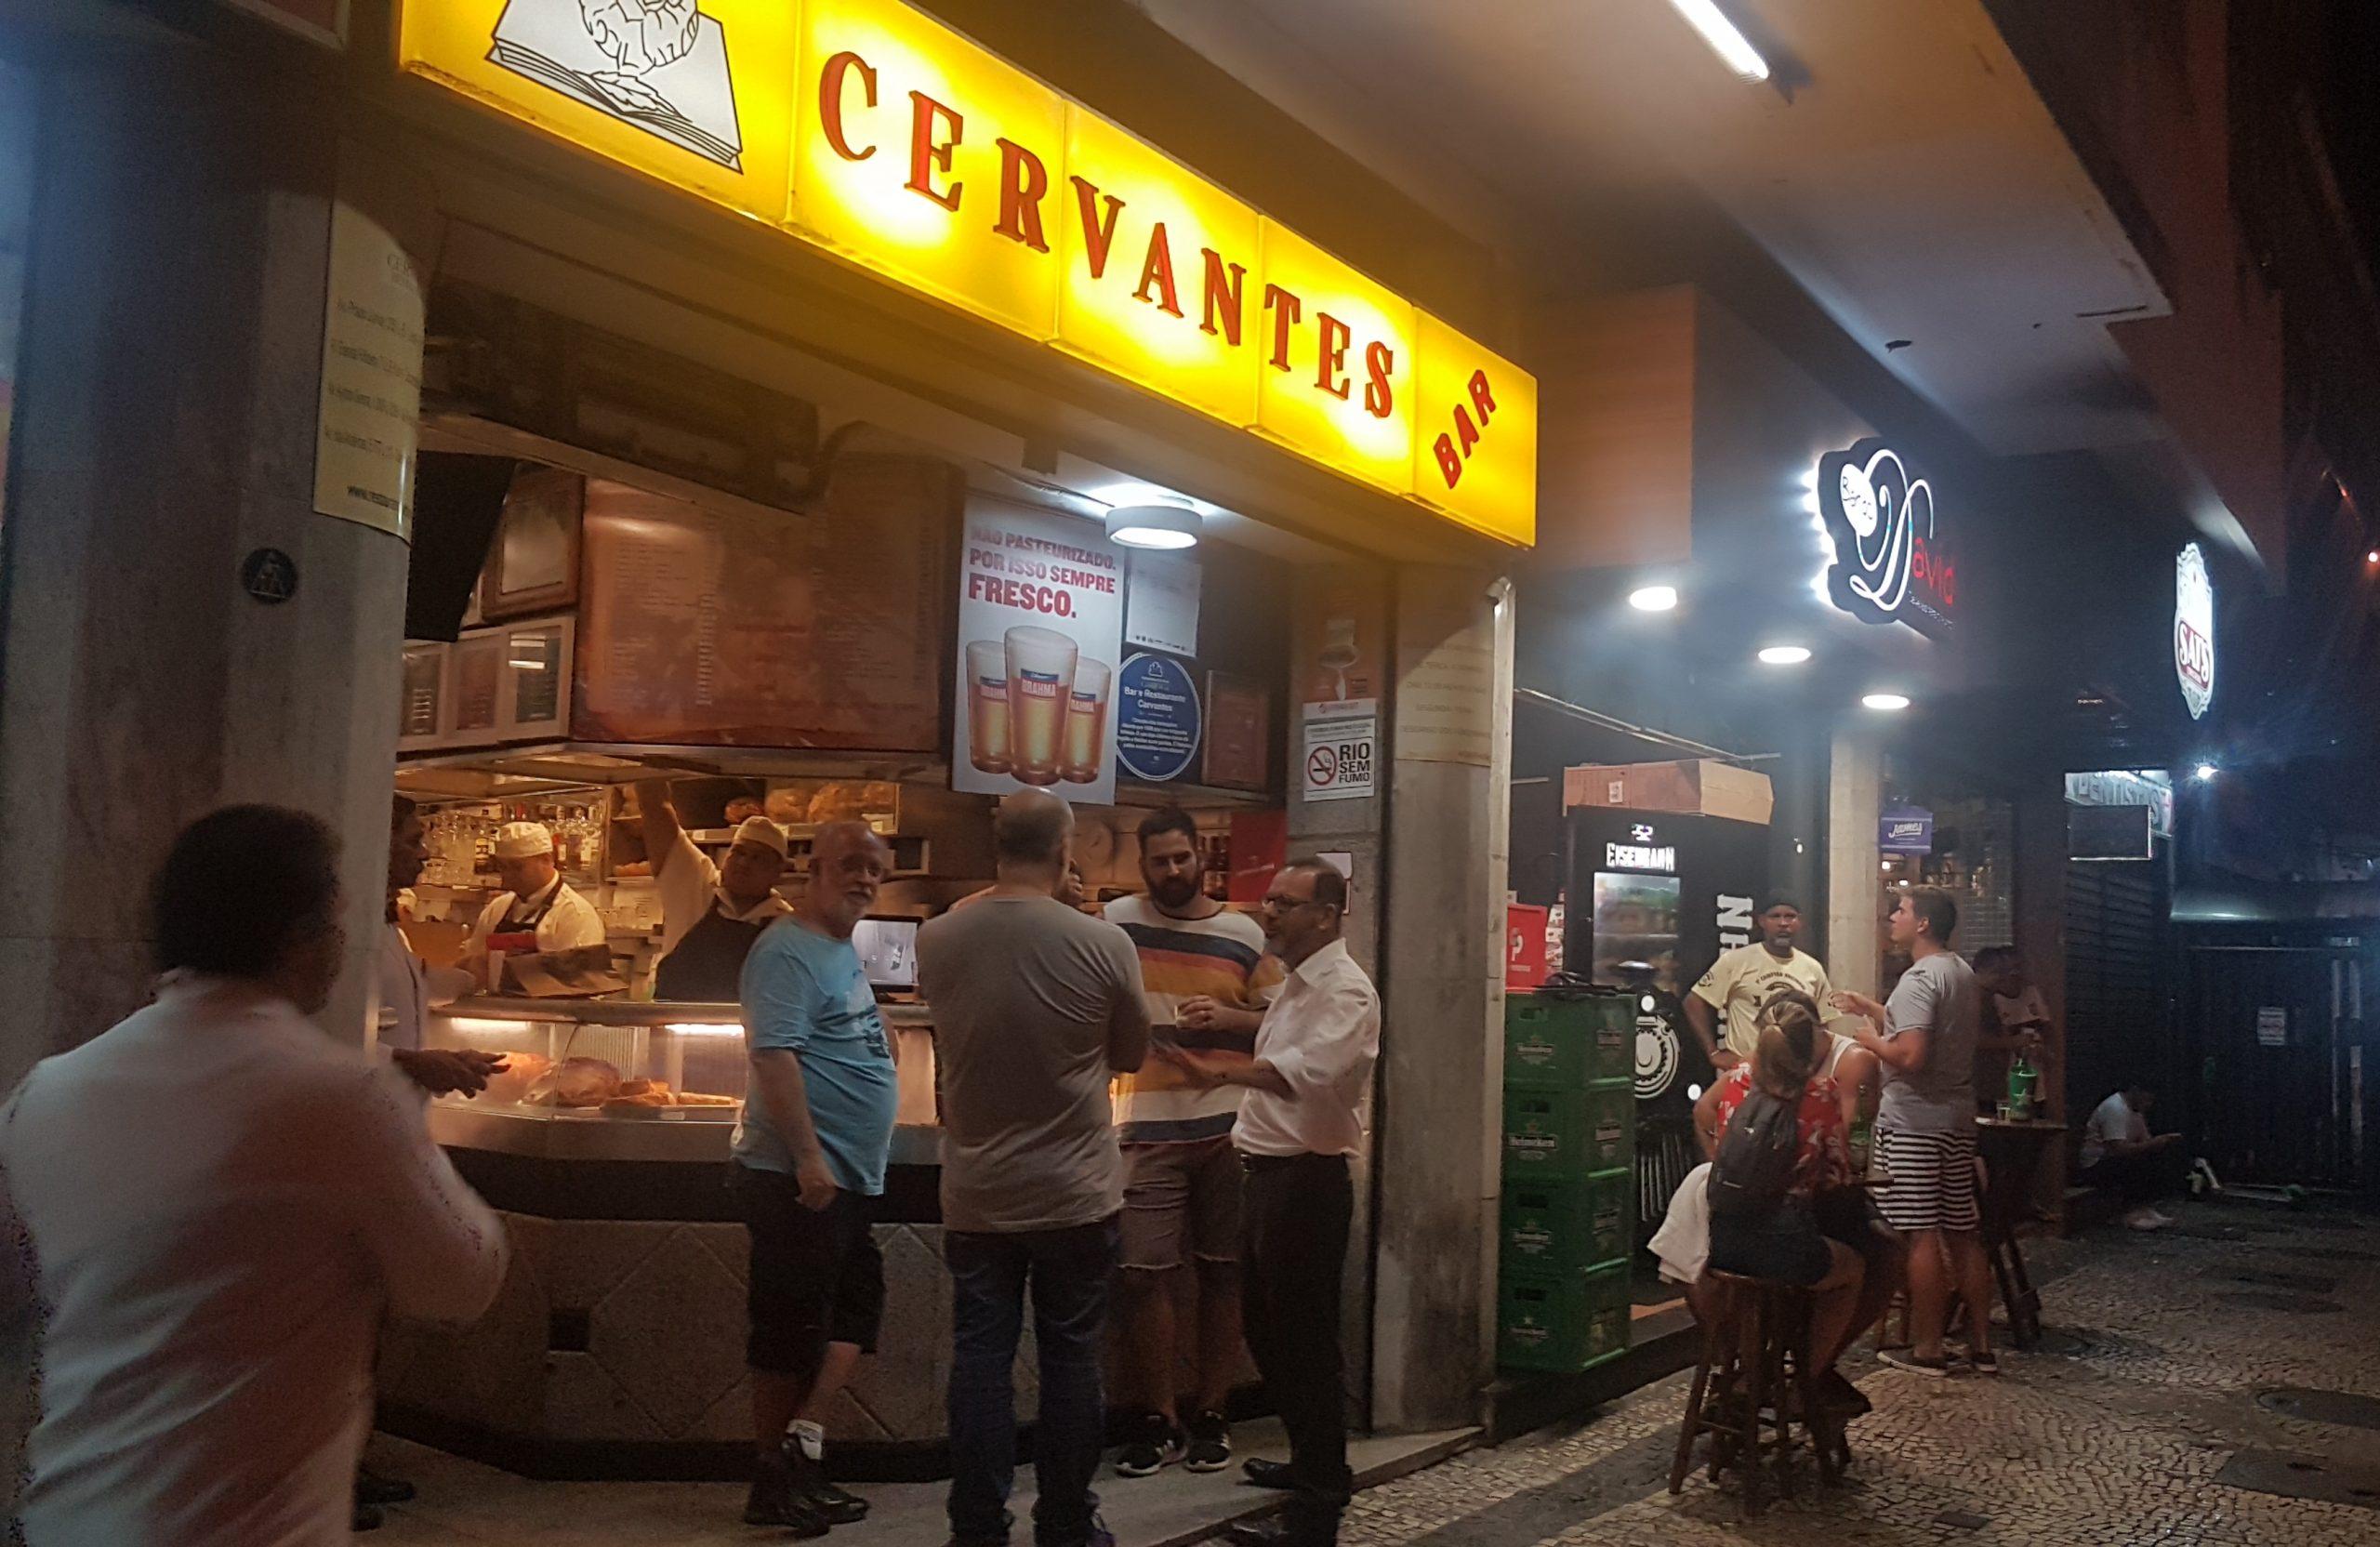 Cervantes, Bar do David e Galeto Sat's: tríplice aliança para as madrugadas na região do Lido (Foto: Oscar Valporto)